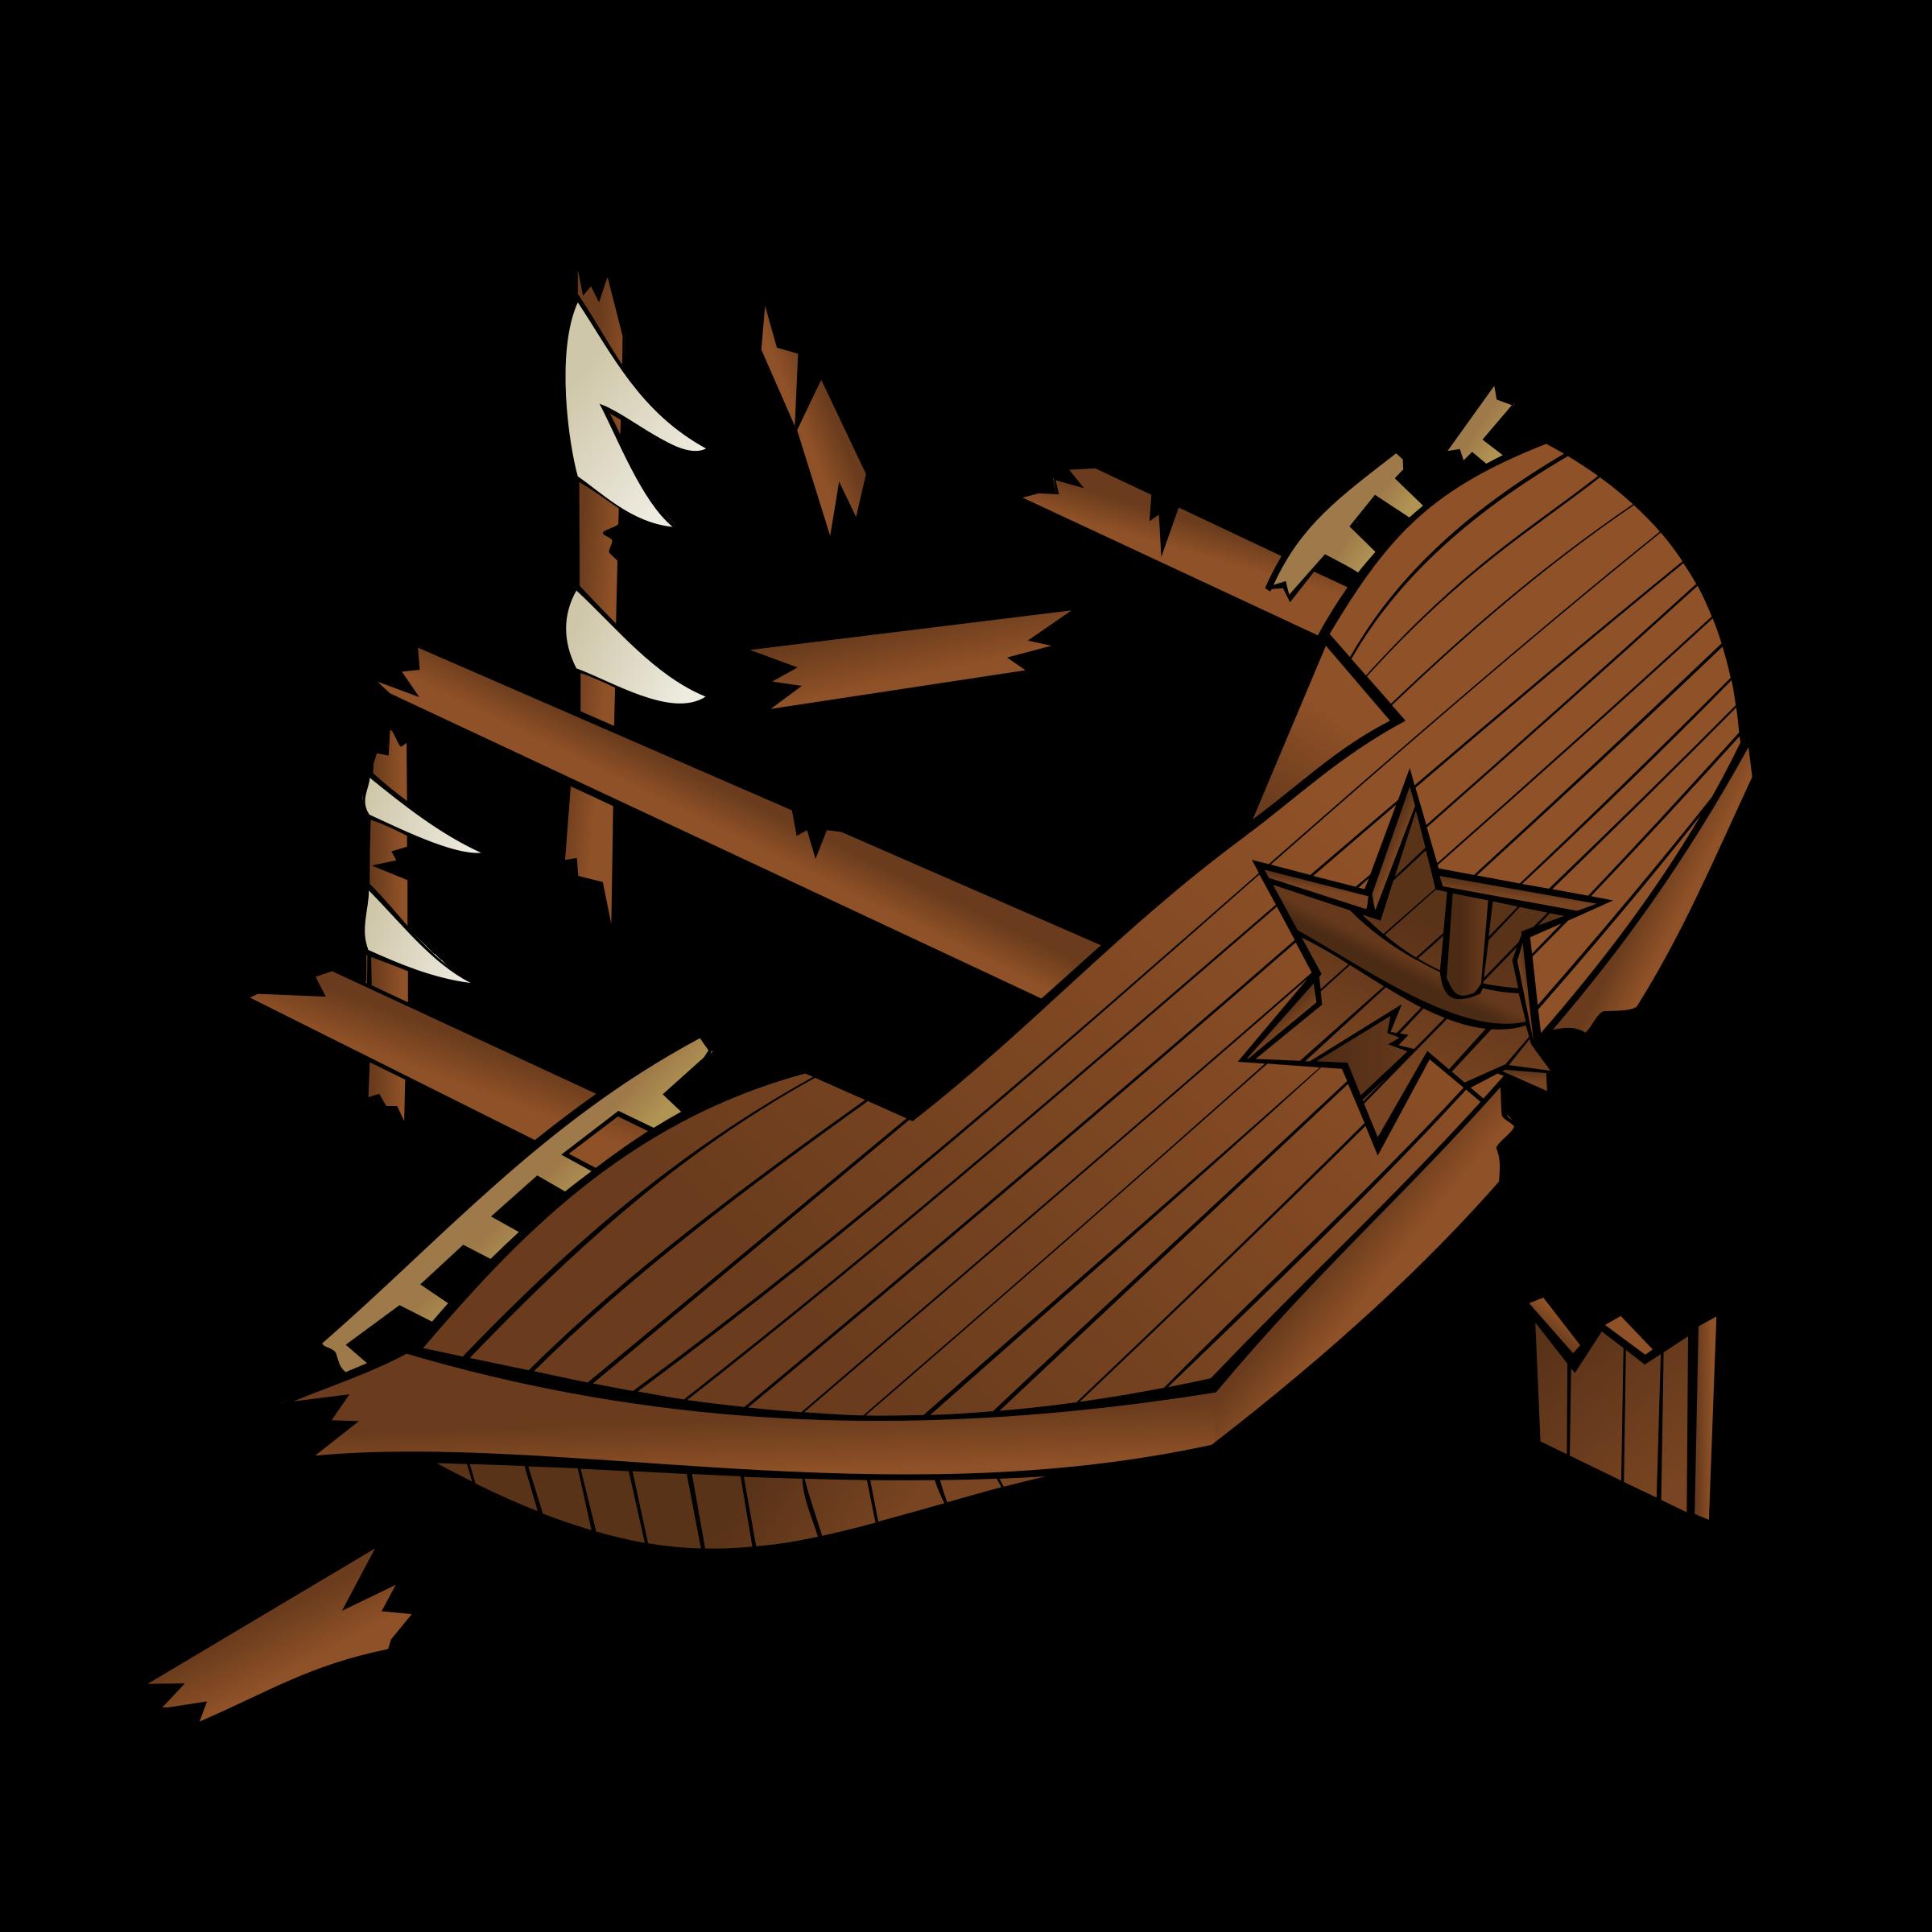 Wreck clipart wrecked ship #8